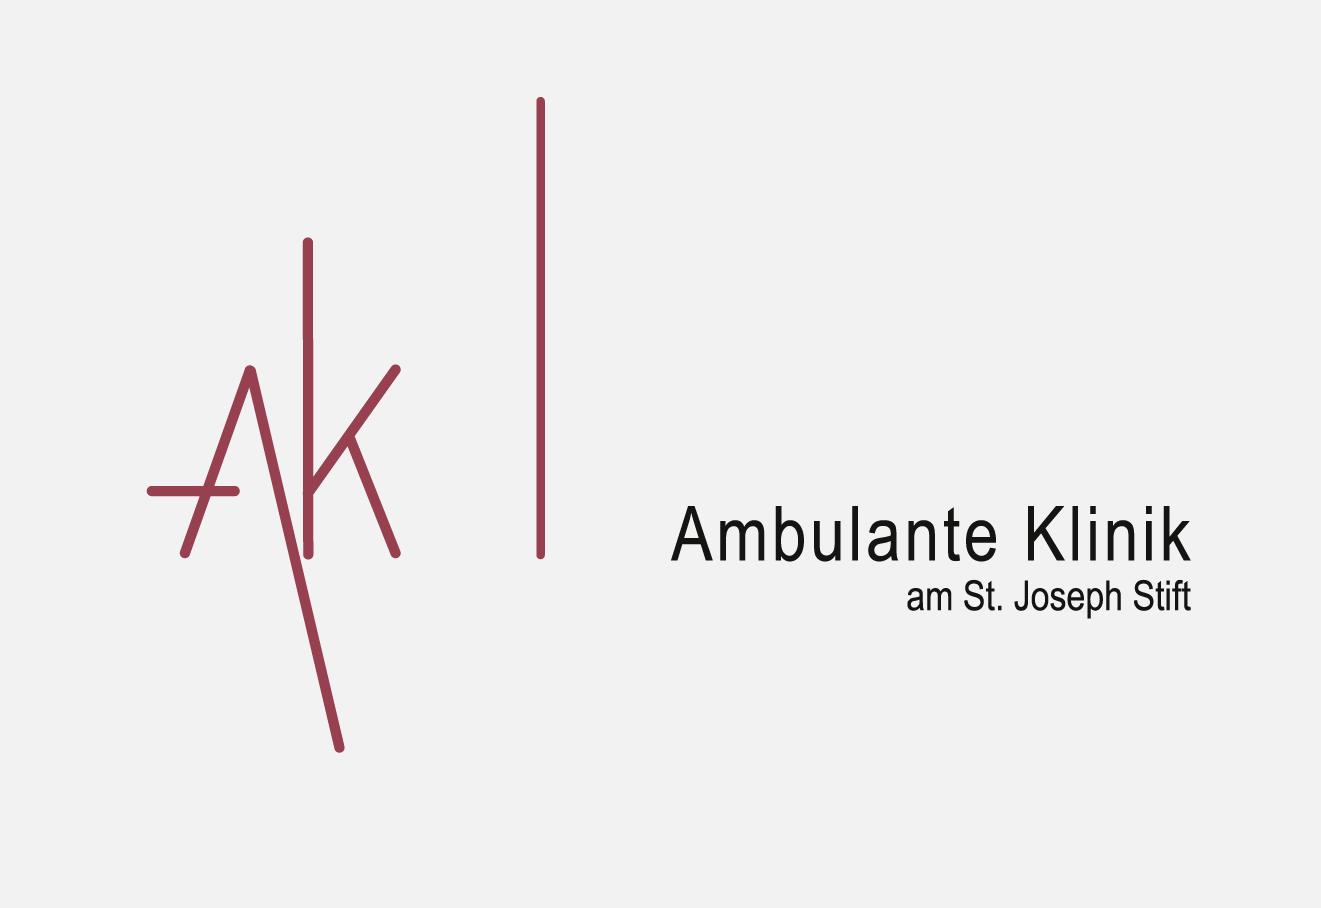 St-Jospeh-Stift-Ambulante-Klinik-logo